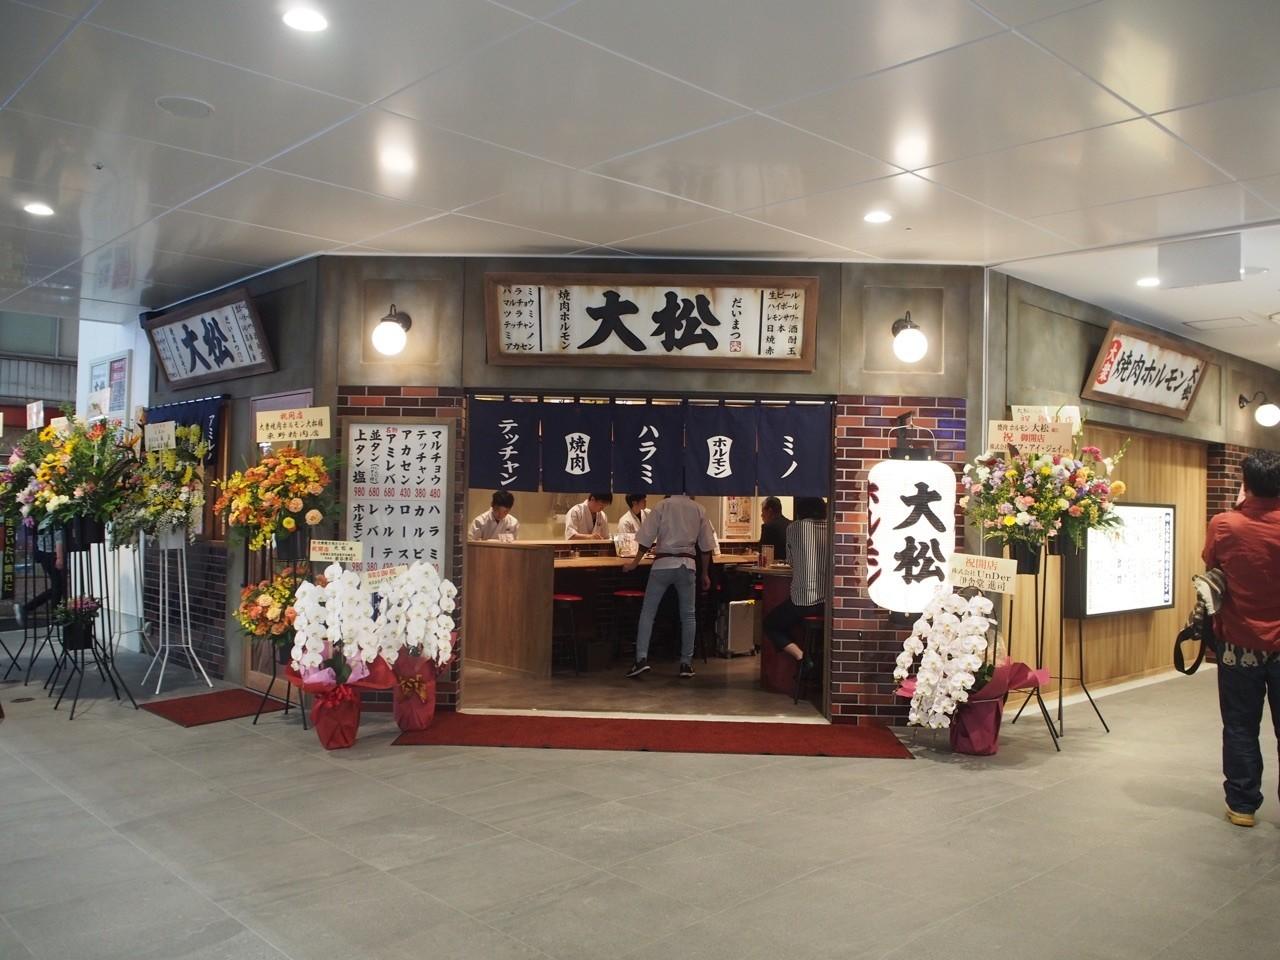 大阪東梅田大松燒烤